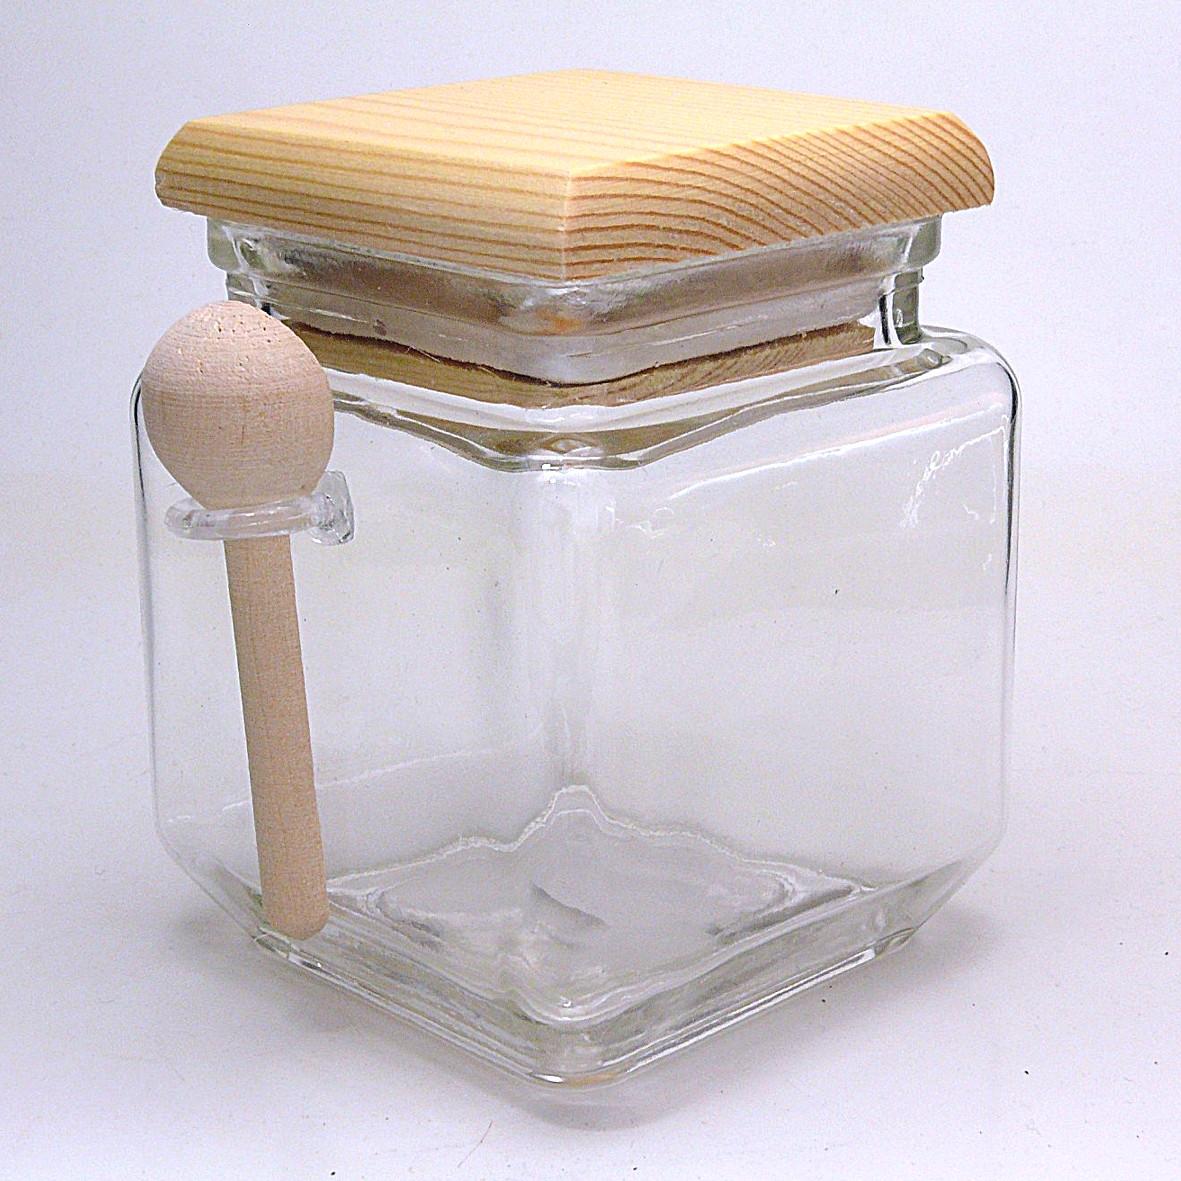 glasbeh lter mit holzdeckel und l ffel hier bestellen. Black Bedroom Furniture Sets. Home Design Ideas